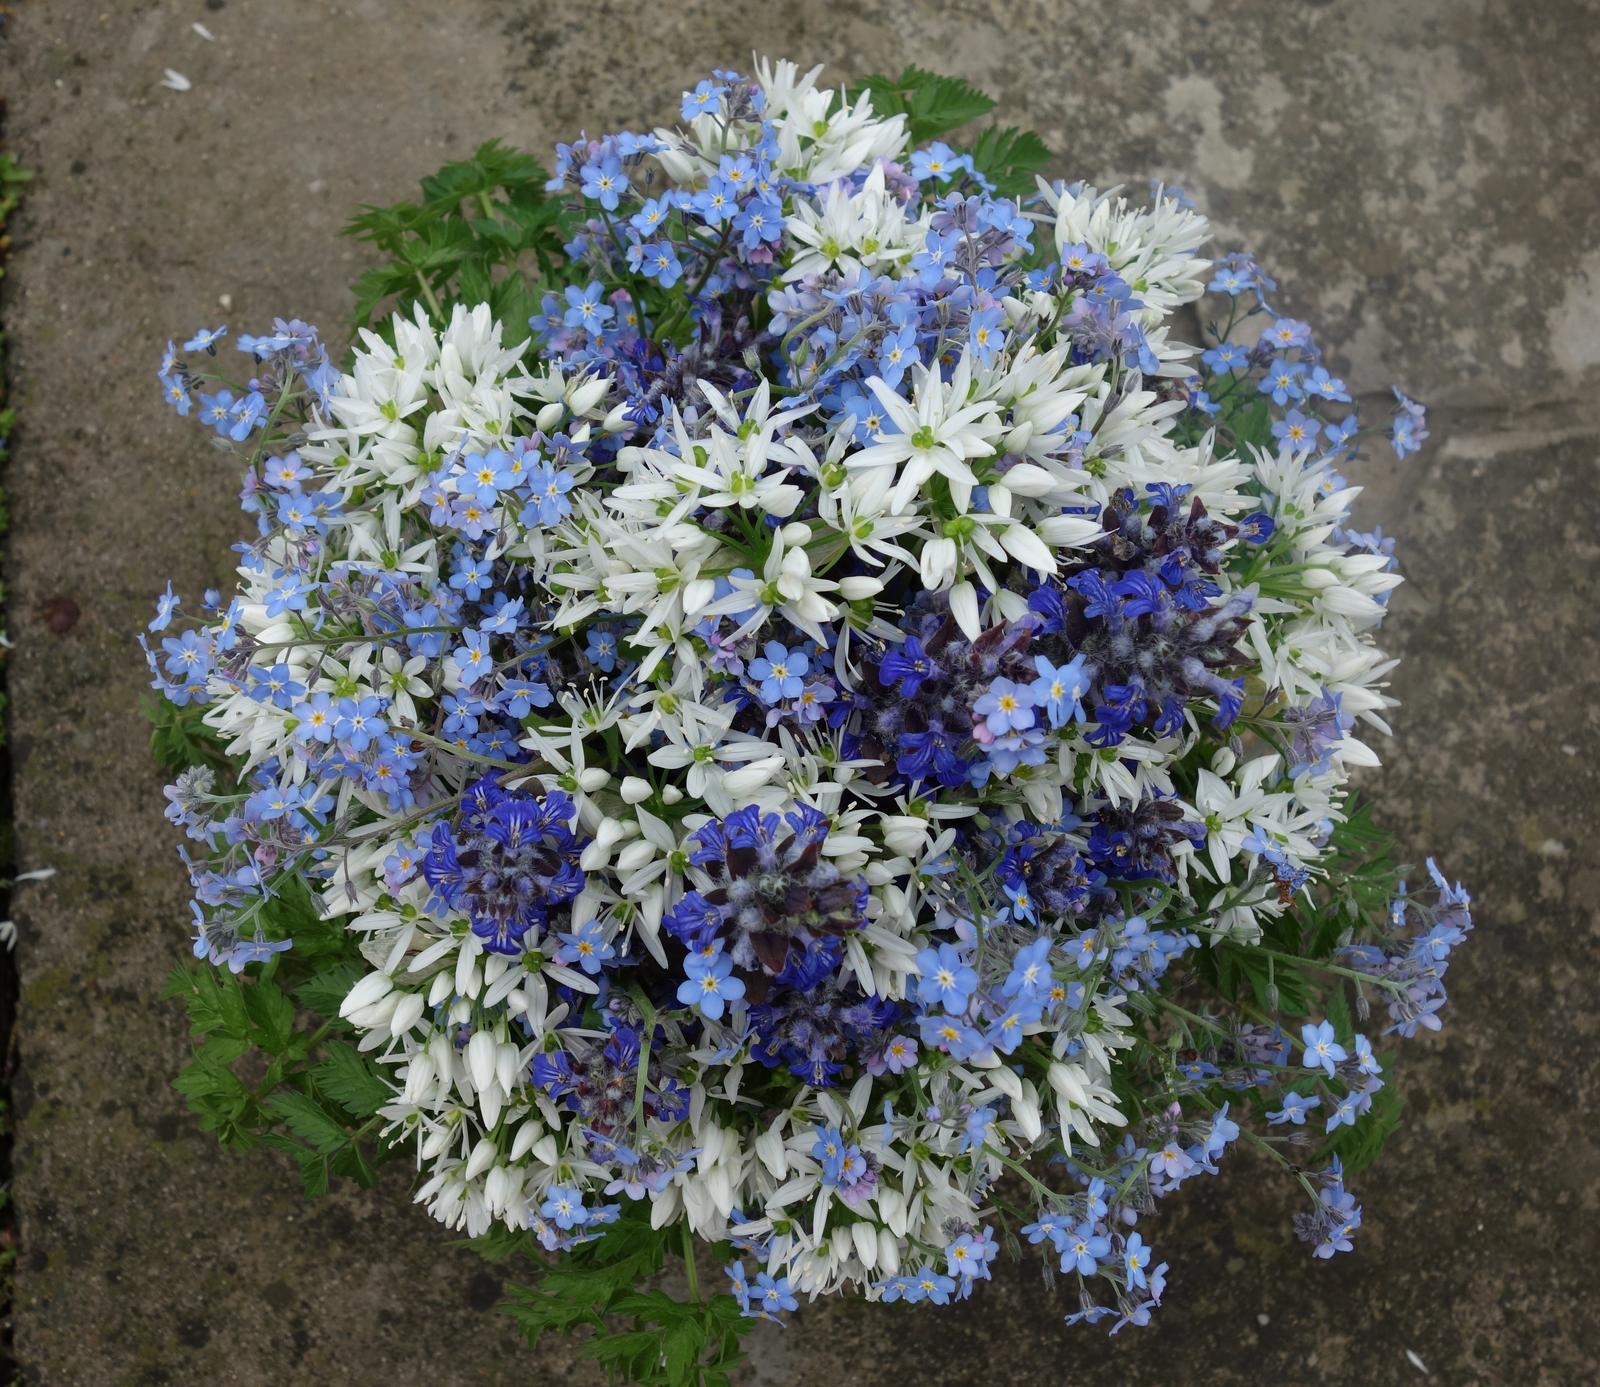 Malá inšpirácia kytíc z lokálnych , slovenských kvetov - Obrázok č. 3